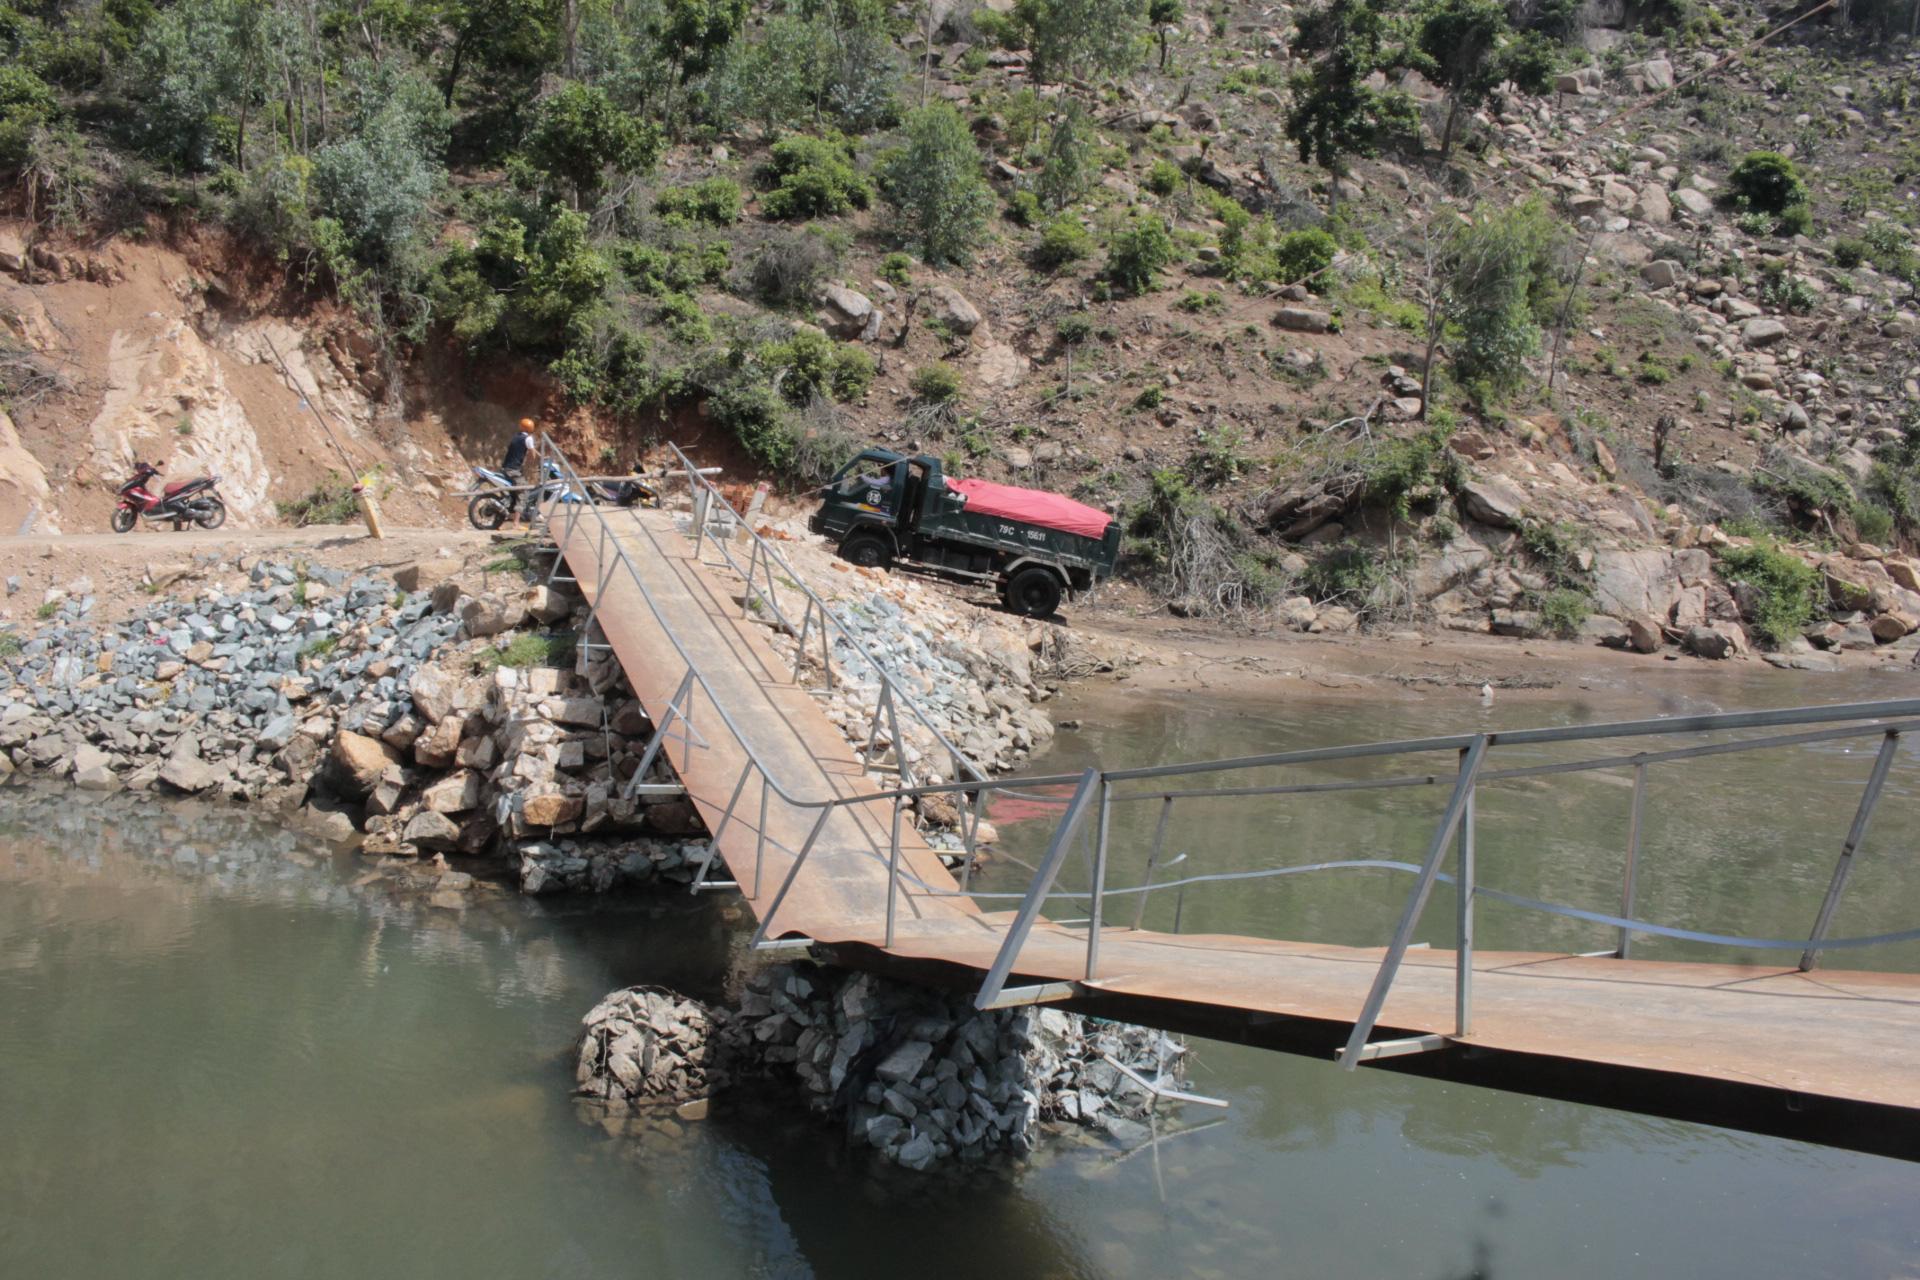 Cầu Nước Ngọt gần 15 tỷ đồng vừa hoàn thành, hơn 300 hộ dân phấn khởi - Ảnh 1.